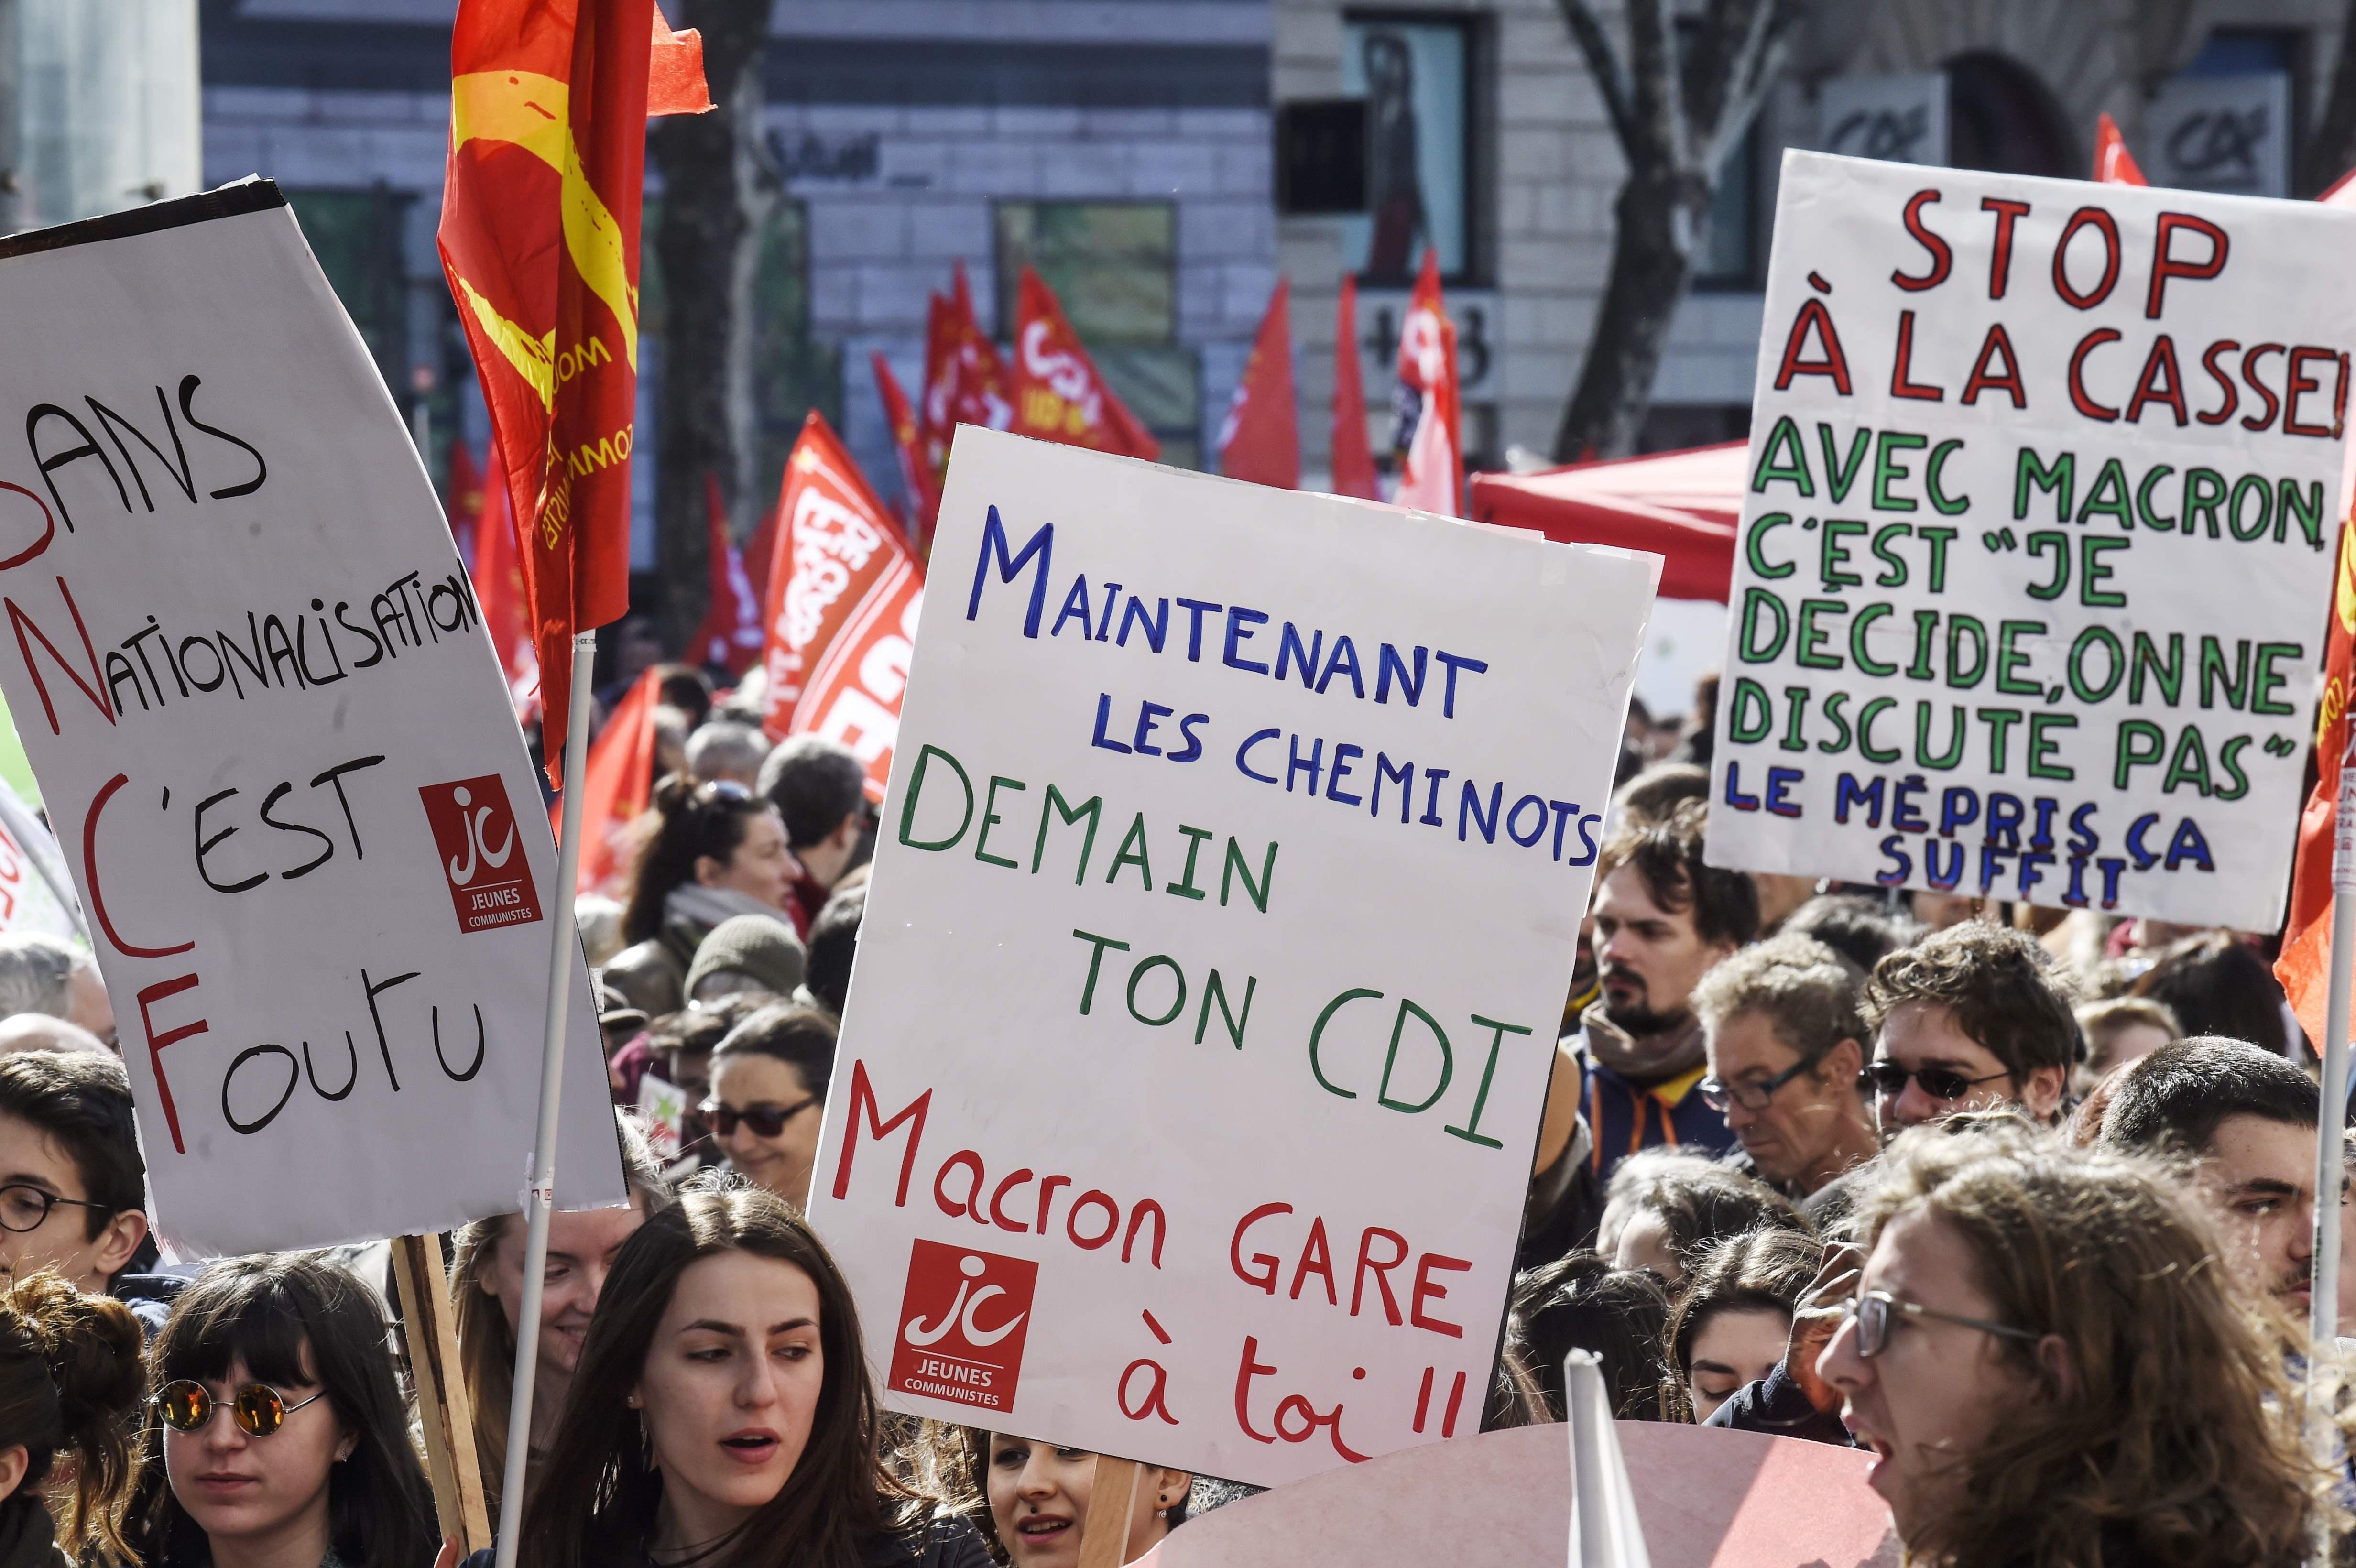 مظاهرات تطالب ماكرون بعدم تنفيذ قراراته بشأن السكك الحديد